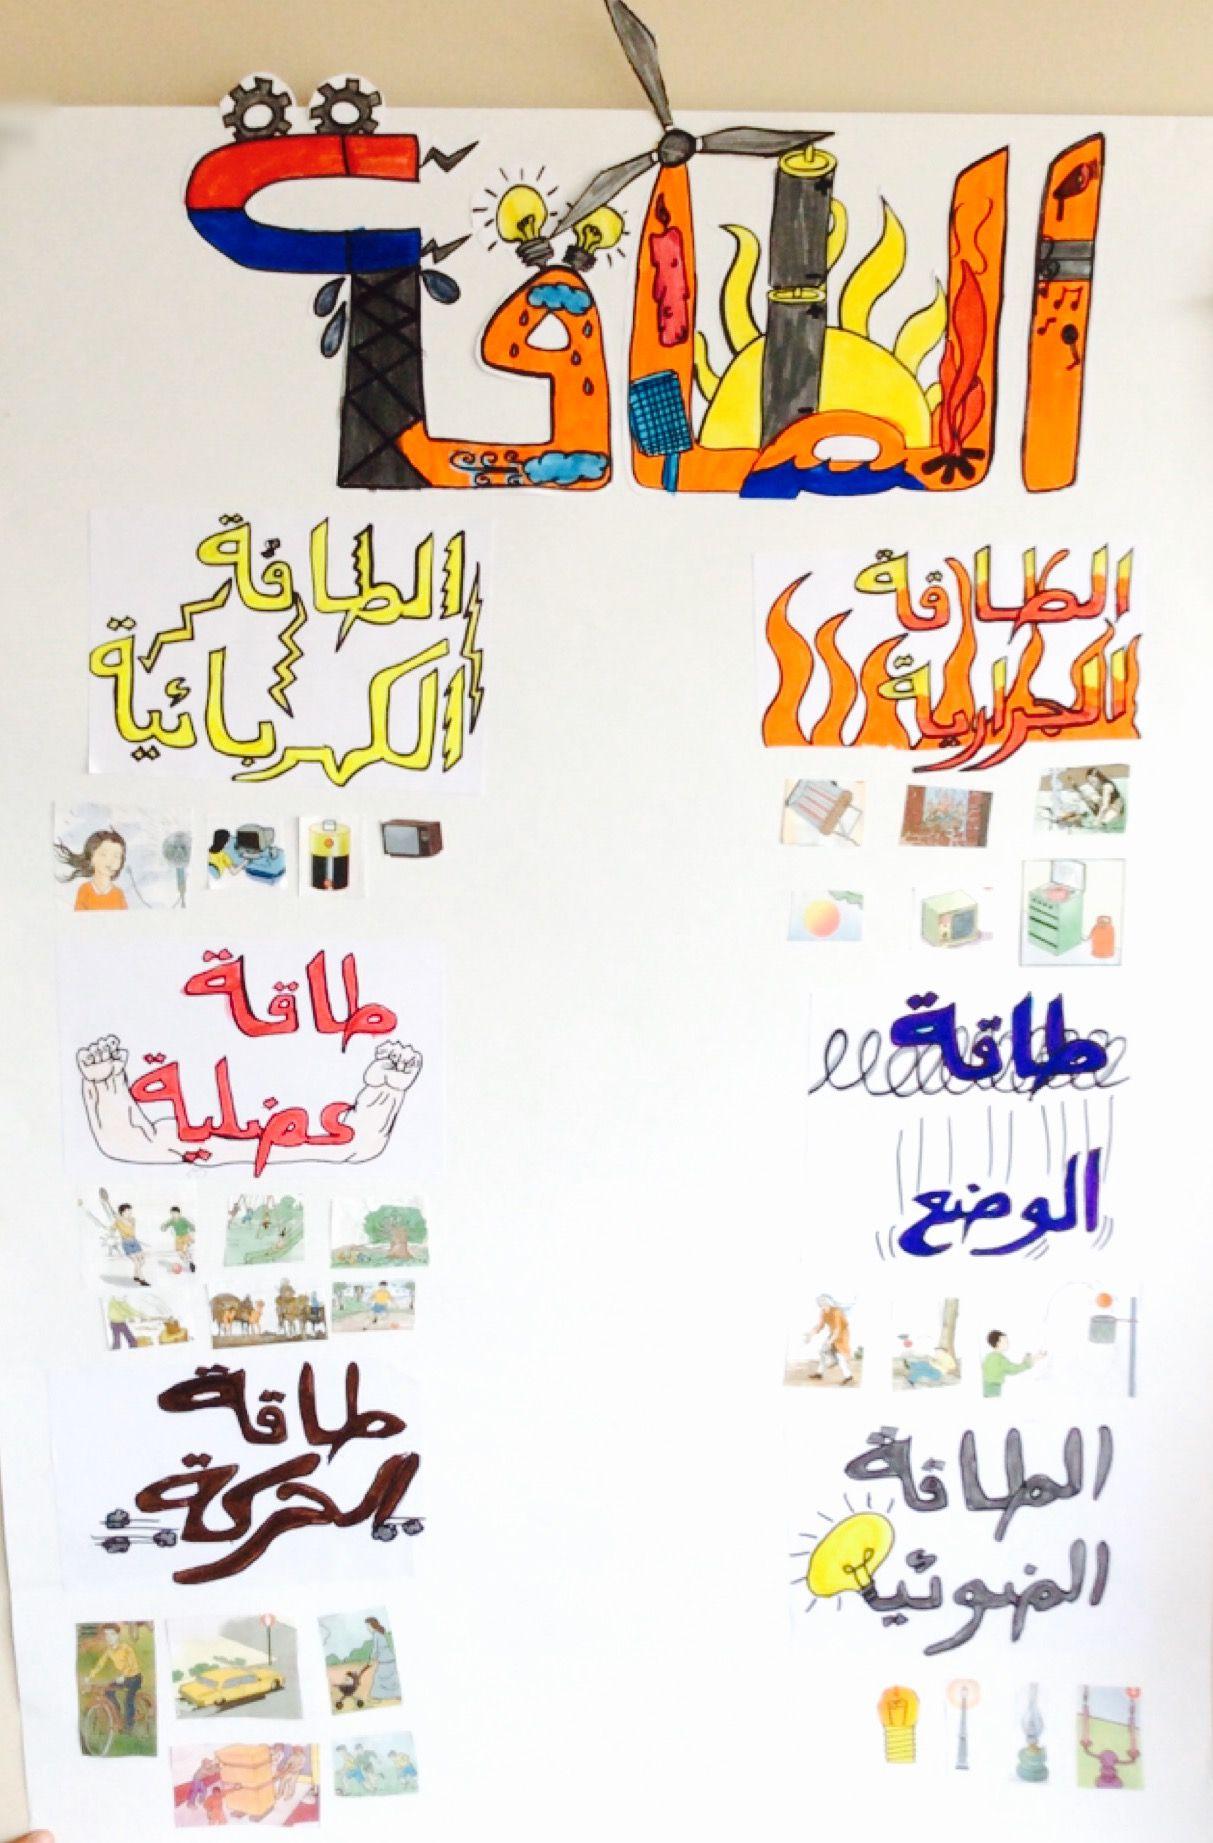 وسيلة تعليمية للاطفال عن أنواع الطاقة لوحة الطاقة Types Of Energy For Kids Poster School Project Classroom Arabic Calligraphy Calligraphy